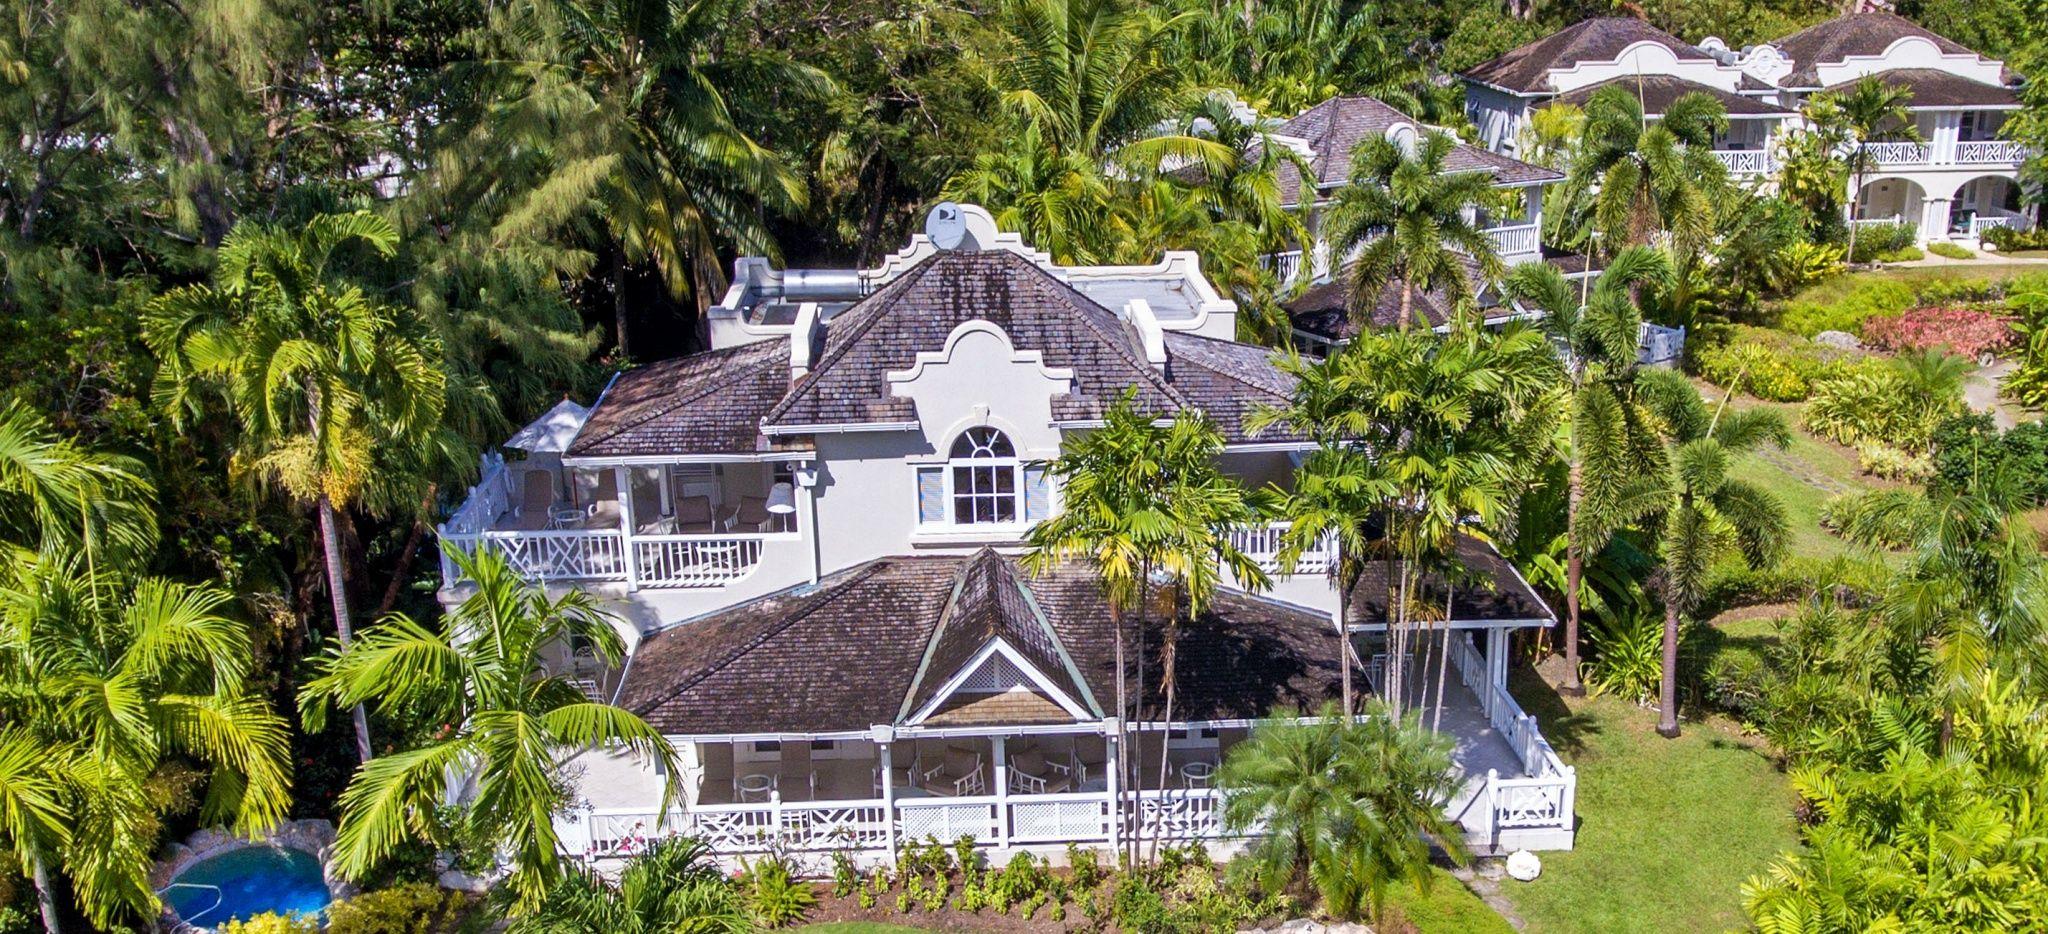 """Luftaufnahme einer Villa im Hotel """"Coral Reef Club Barbados"""""""